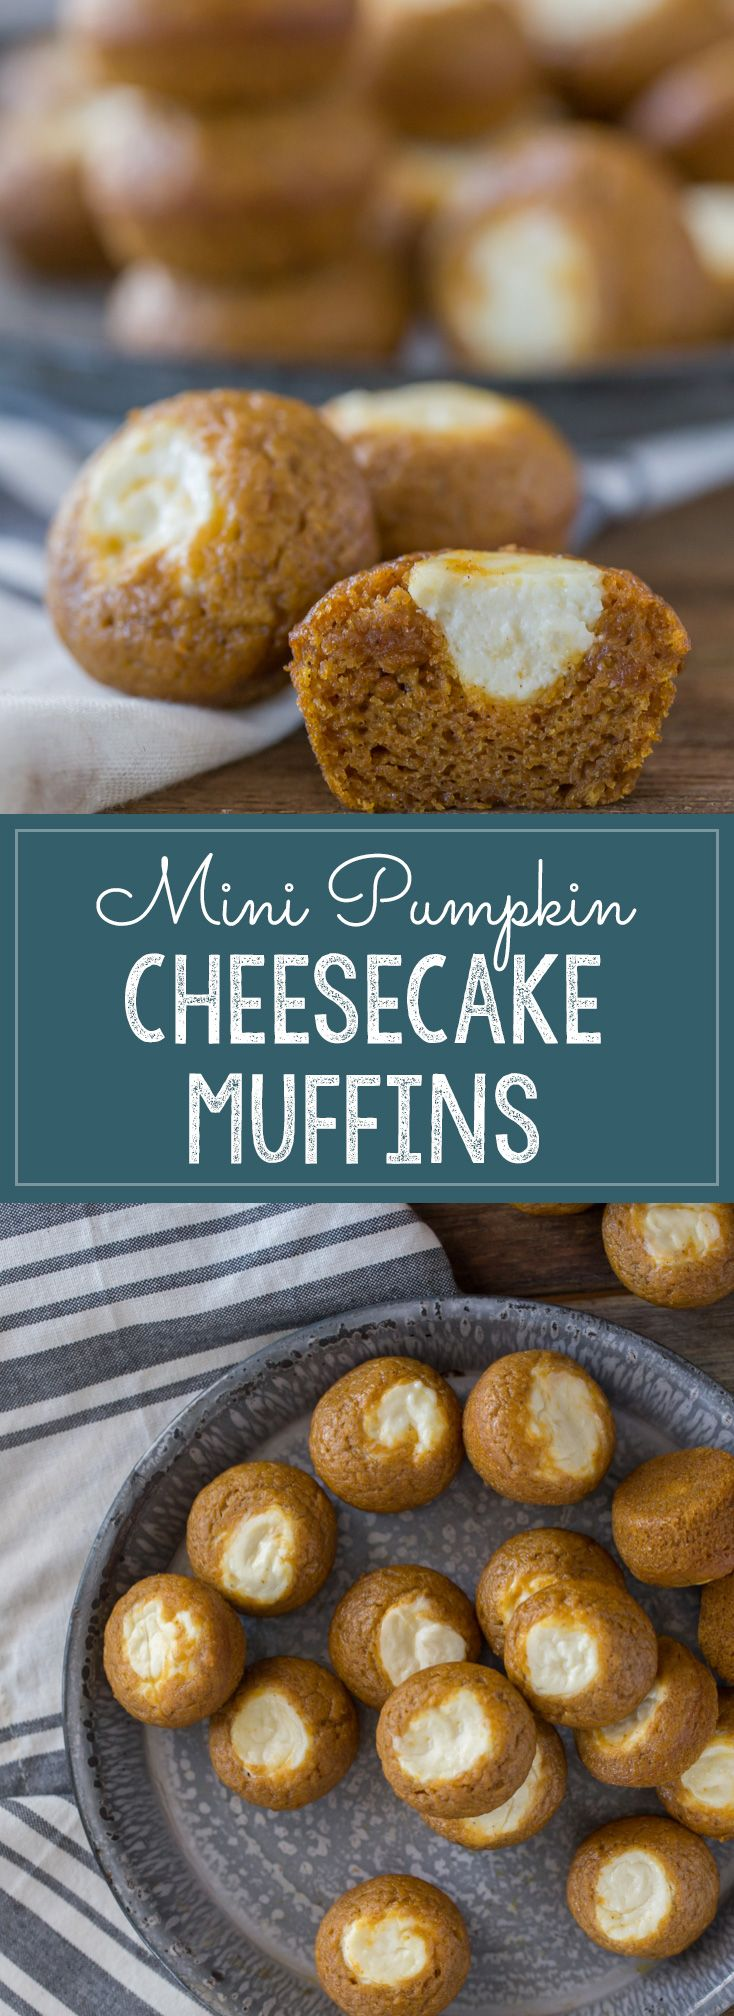 Cheesecake muffins